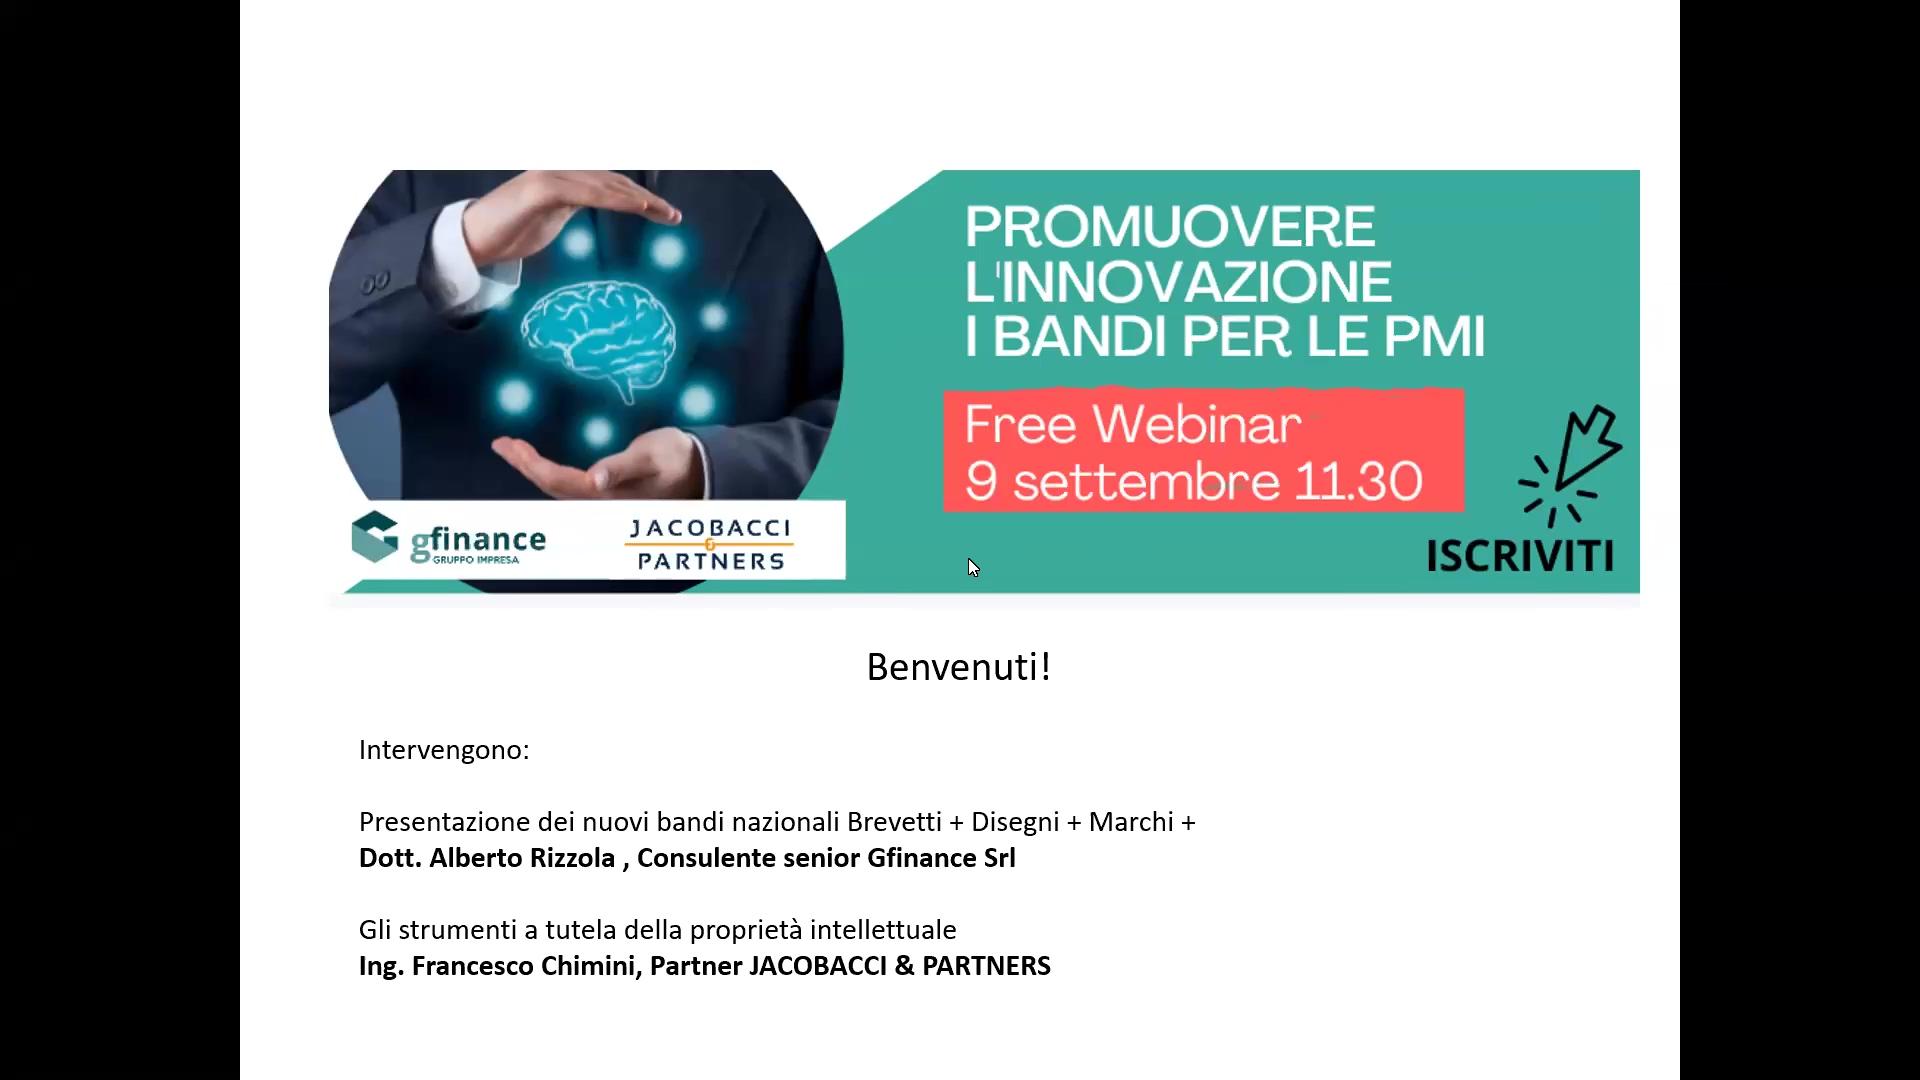 Webinar-2021-09-09-Promuovere-innovazione